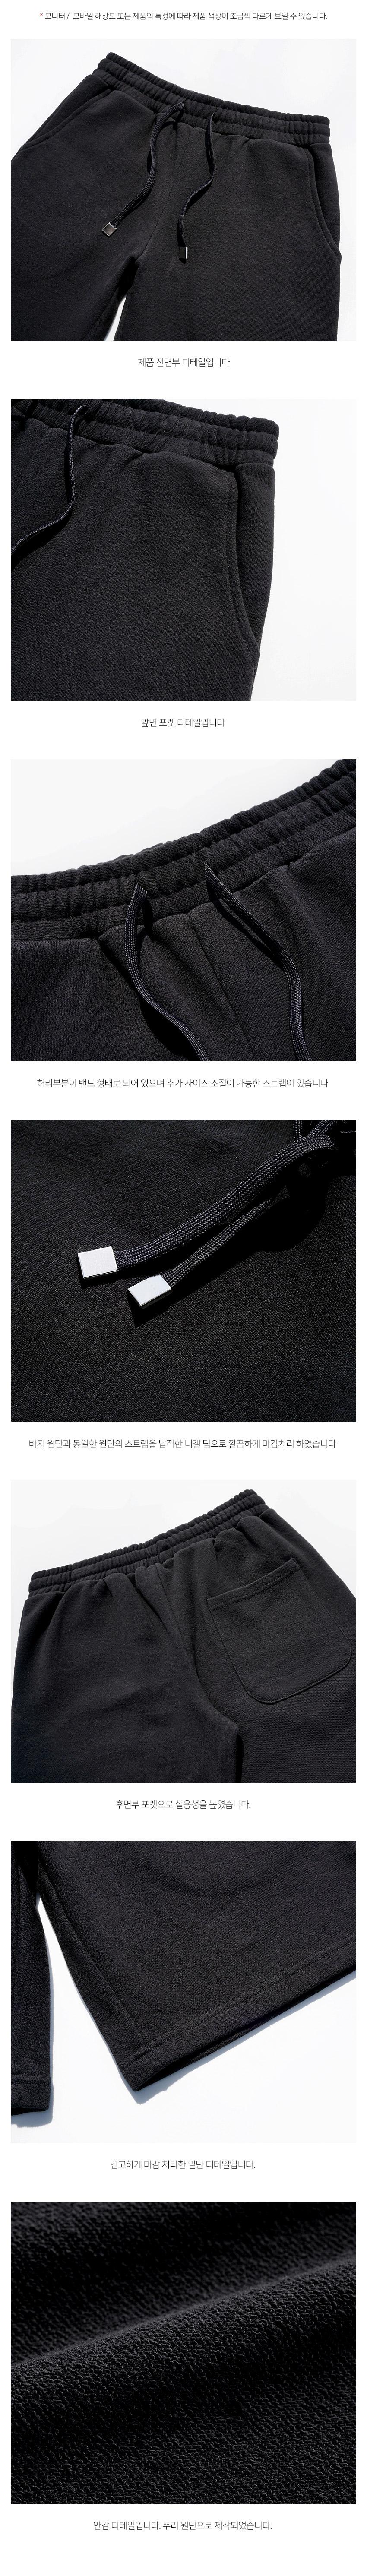 [페플] 오리지널 민자 트레이닝 숏 팬츠 6종 아이보리 SJSP1256